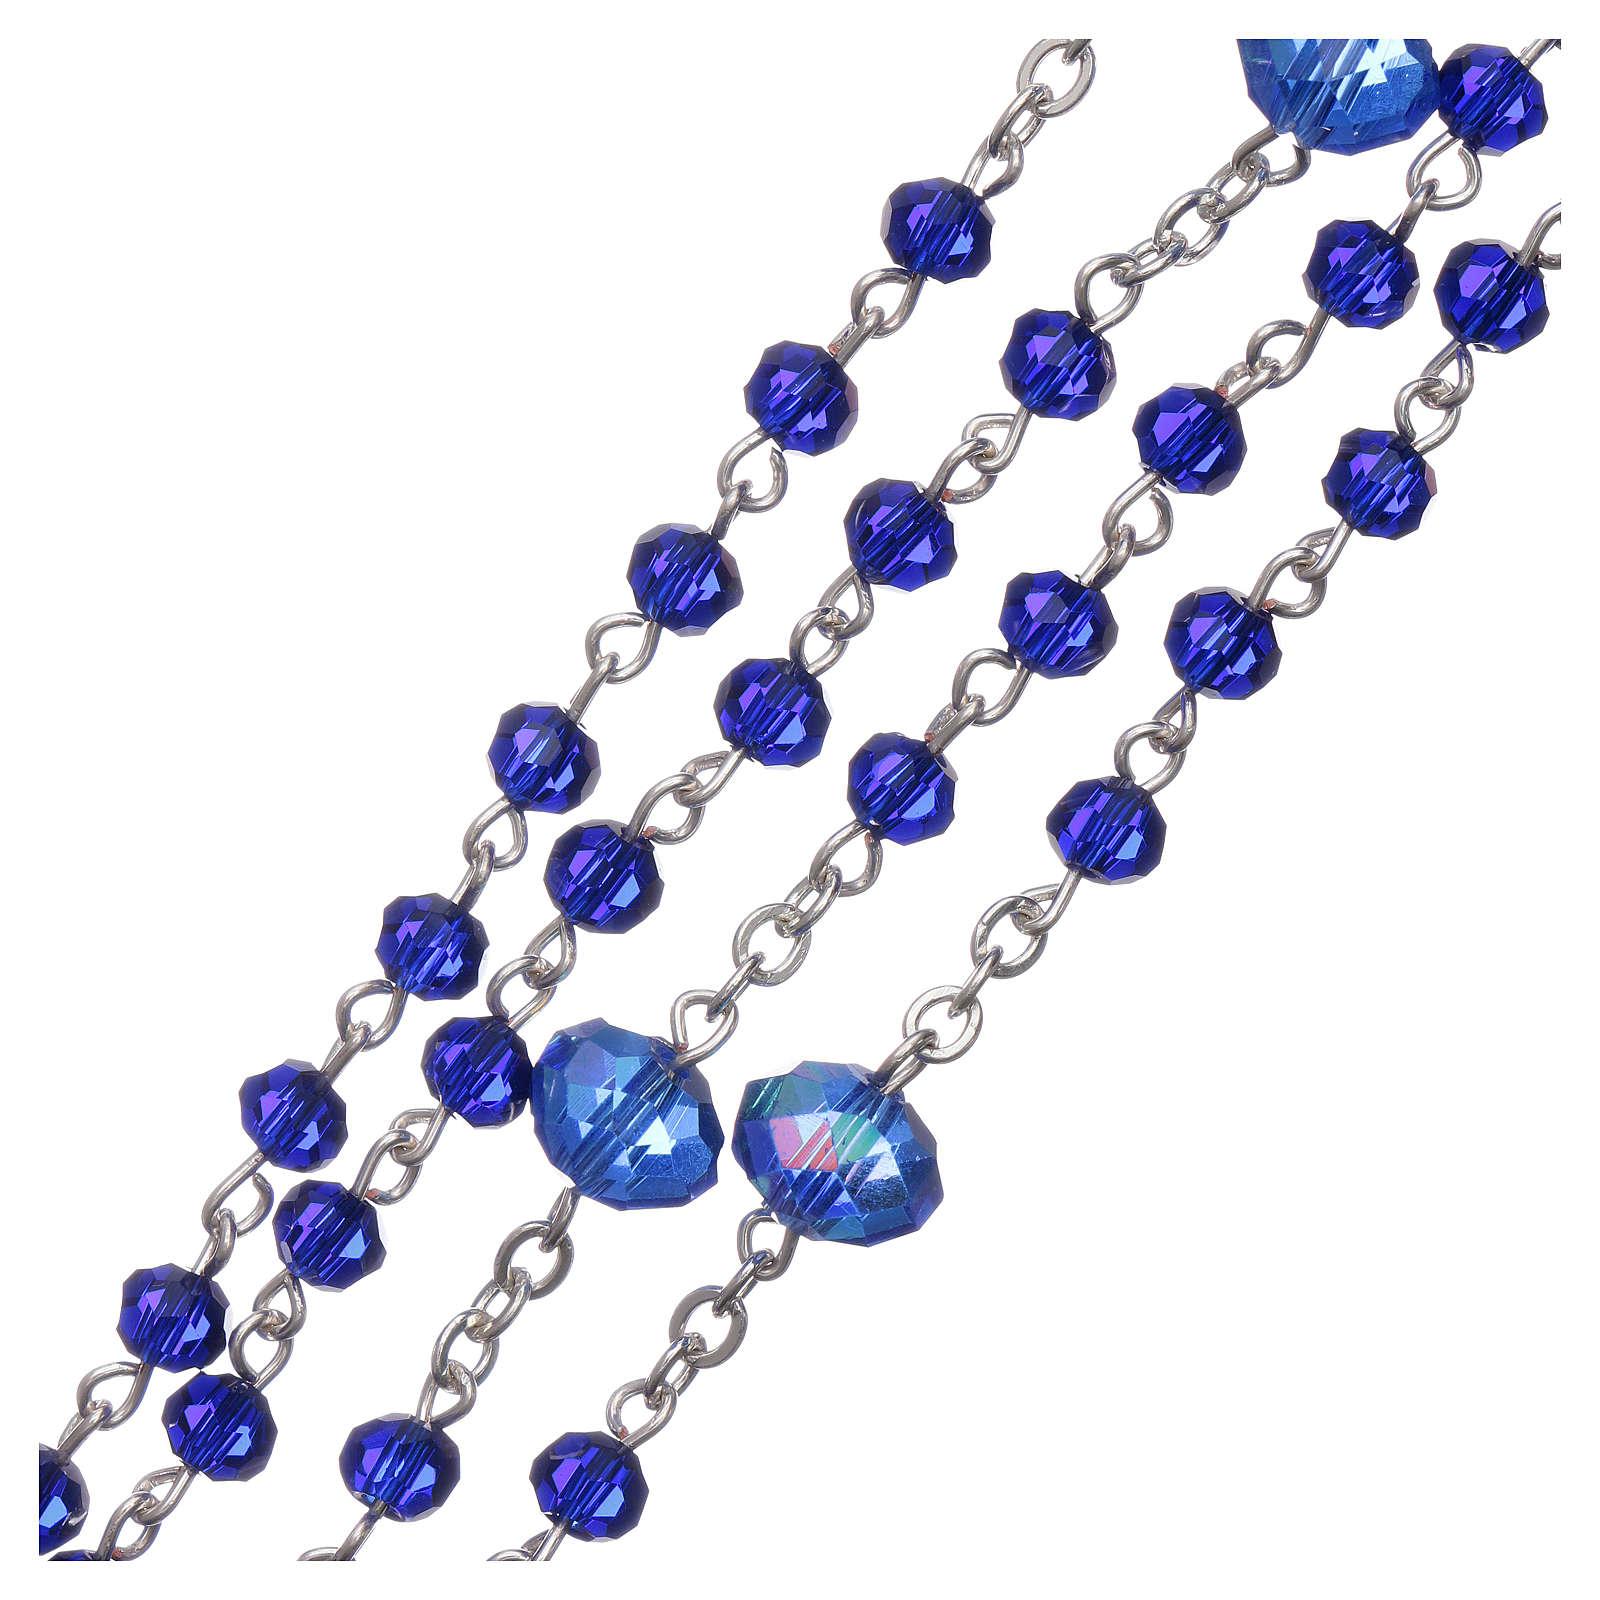 Chapelet Medjugorje cristal bleu 4 mm 4